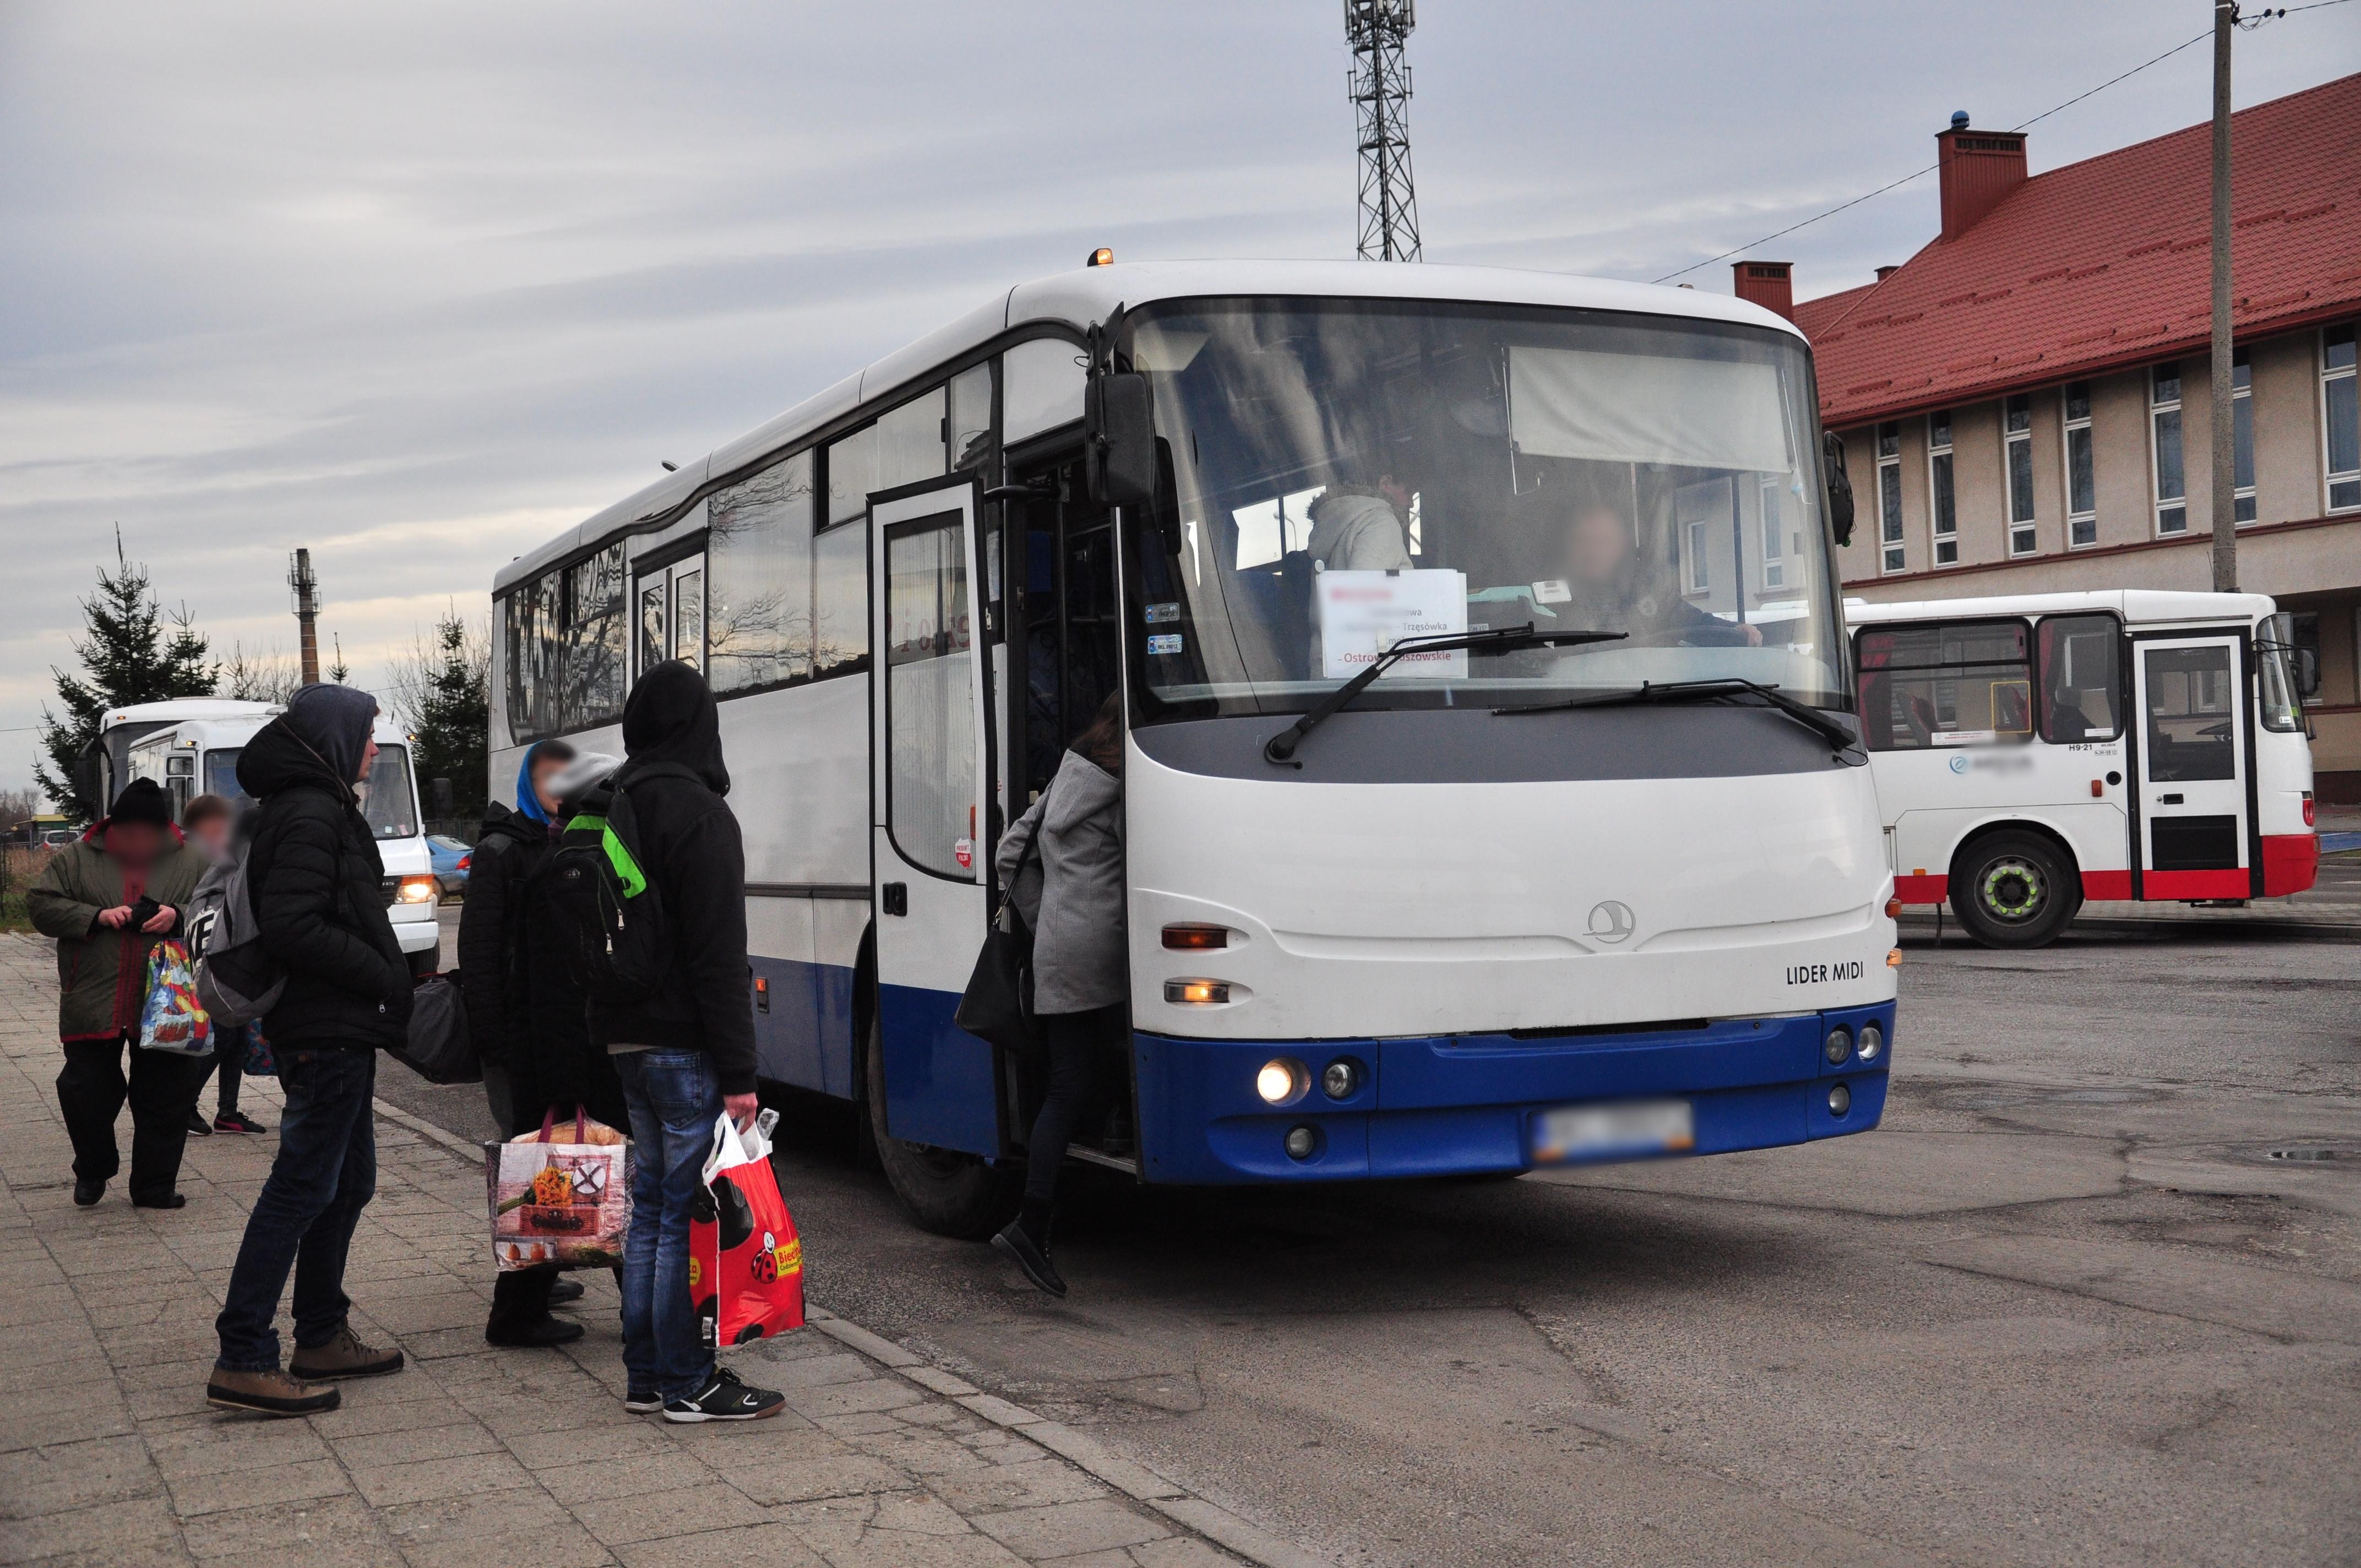 Gmina Cmolas. Problemy z dojazdem do szkół mają szczególnie uczniowie, ktorzy mieszkają w małych miejscowościach i przysiółkach. Kto powinien zapewnić im transport? - Zdjęcie główne